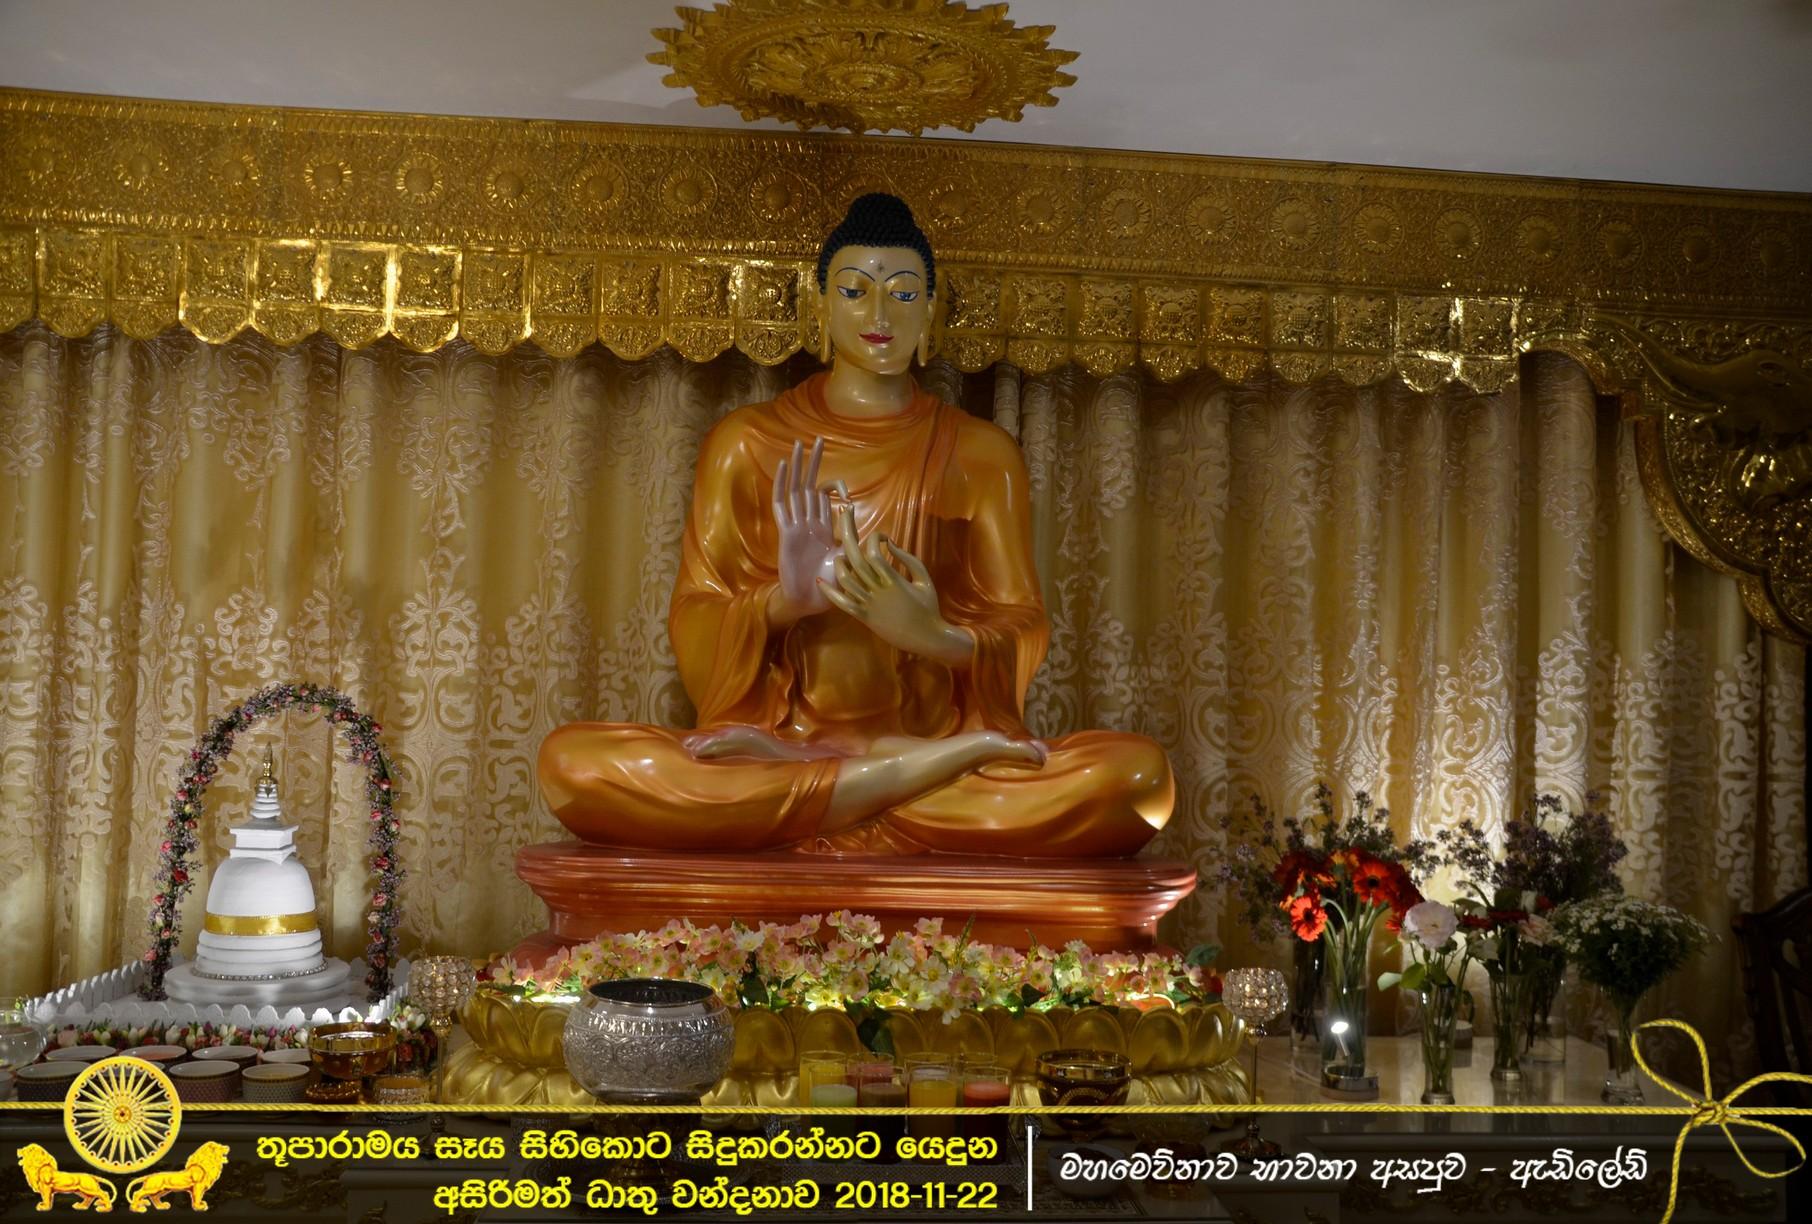 Thuparama058